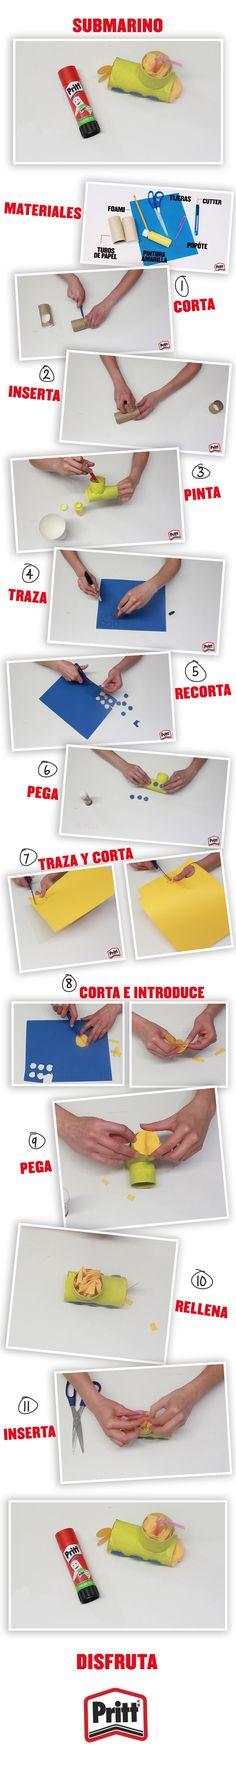 Una divertida forma de poner a navegar tu imaginación. Este submarino de cartón es muy sencillo y divertido de realizar, tan sólo necesitas los siguientes materiales: -Tijeras -Cutter -Foami azul -Popote -2 tubos de papel de baño -Pintura amarilla -Lápiz Adhesivo marca Pritt